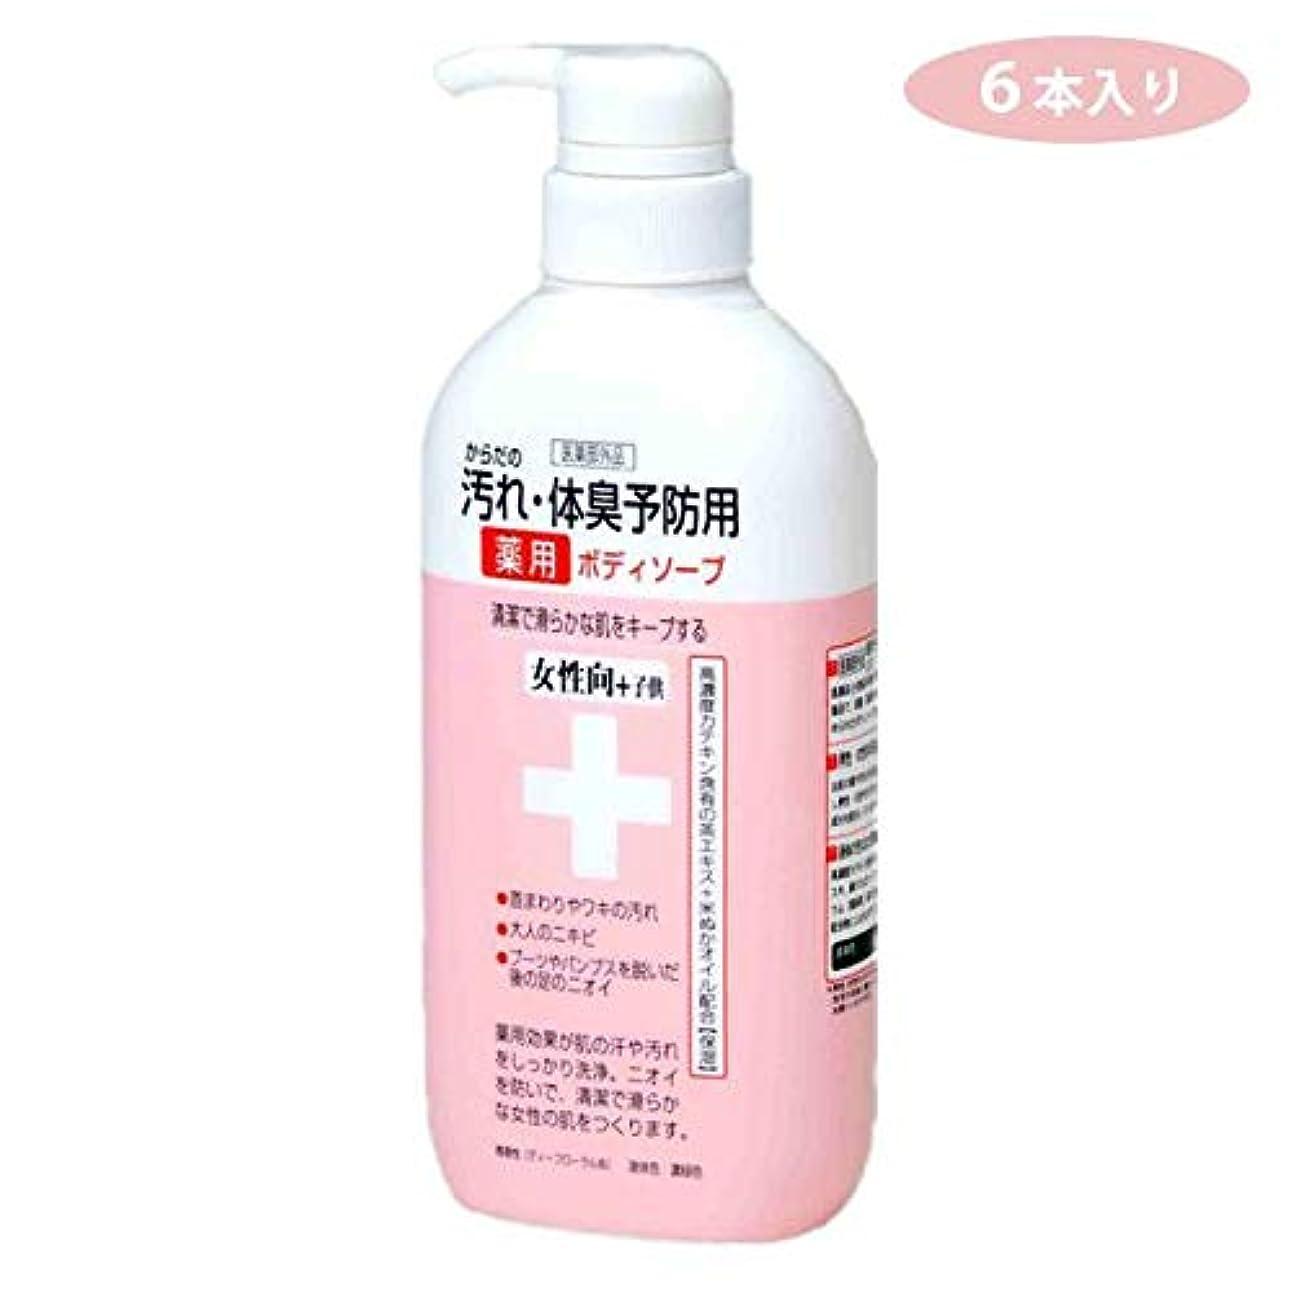 キノコ審判細心のCTY-BF 6本入り からだの汚れ?体臭予防用 薬用ボディソープ 女性向き